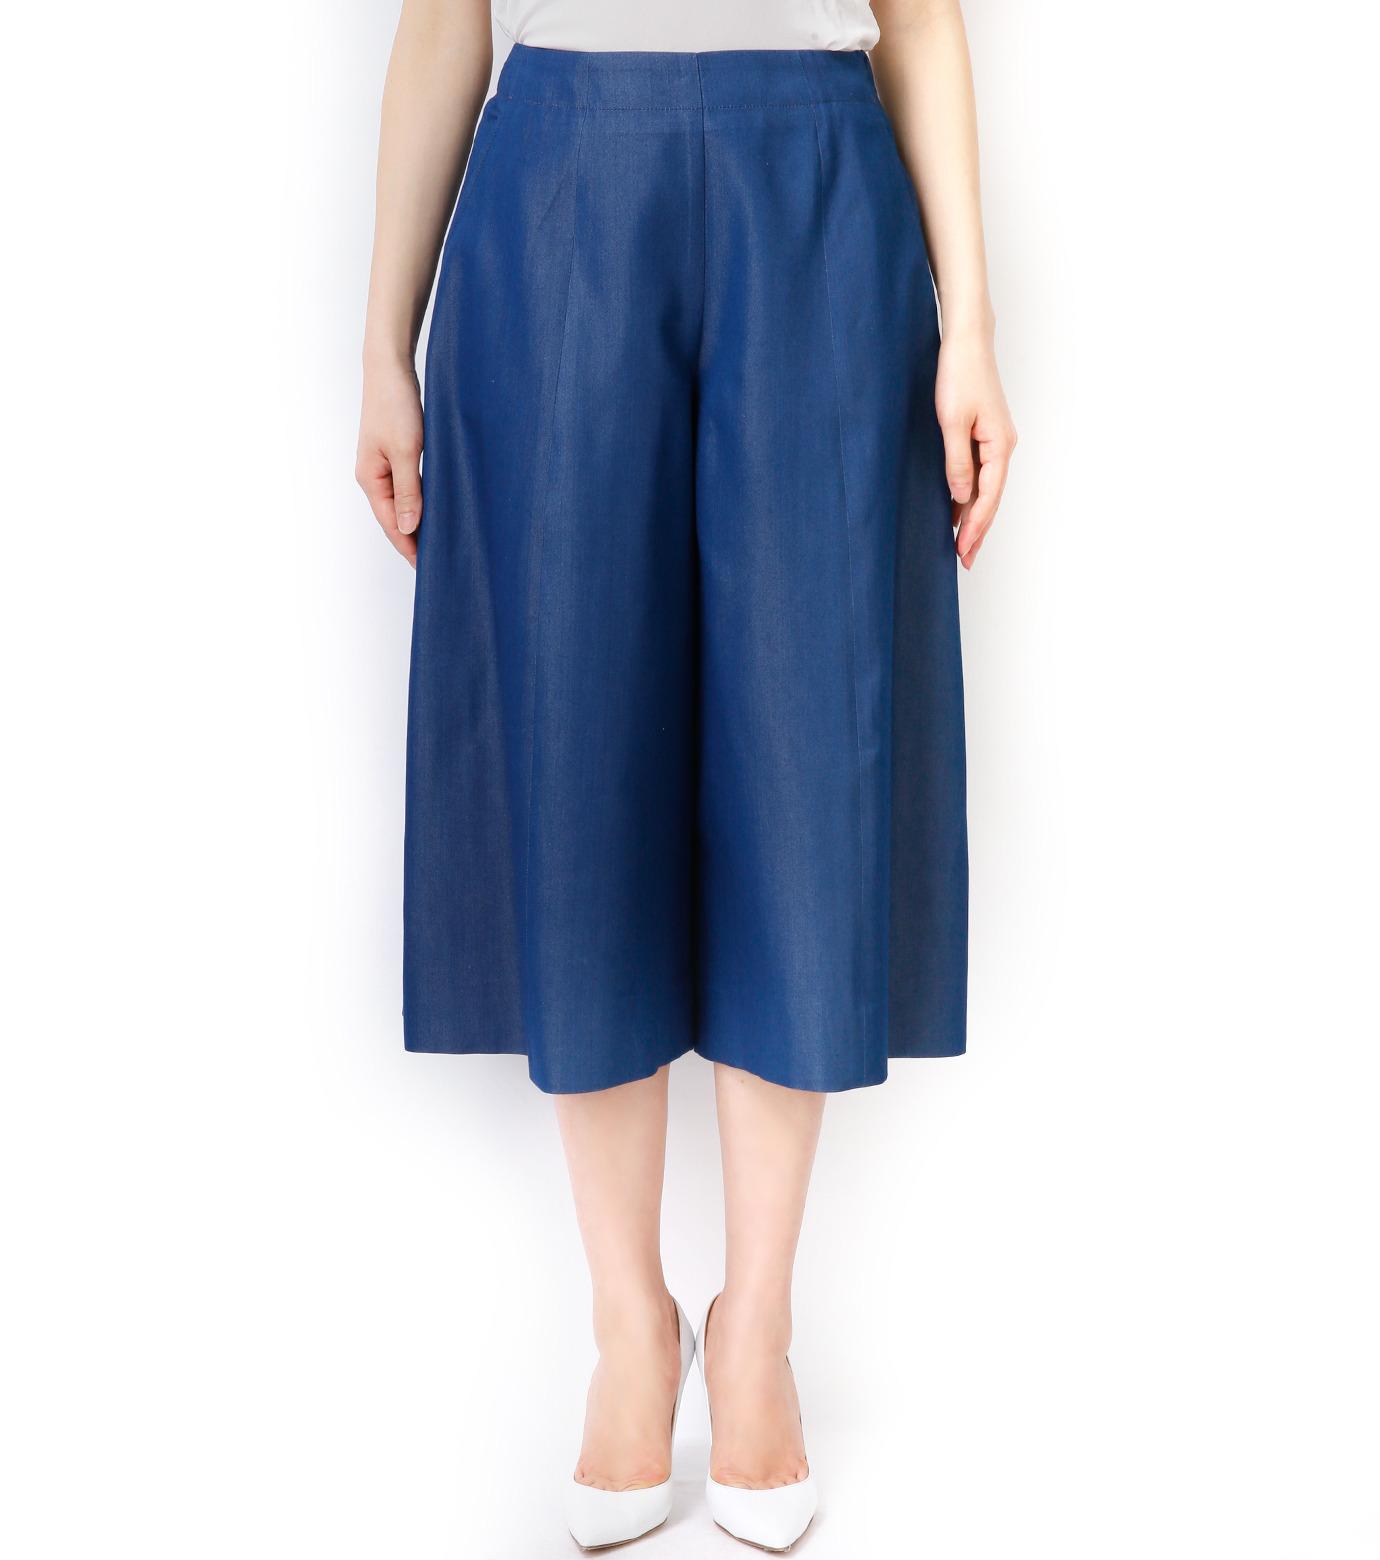 LE CIEL BLEU(ルシェルブルー)のデニムバミューダーパンツ-BLUE(パンツ/pants)-17S68027 拡大詳細画像3